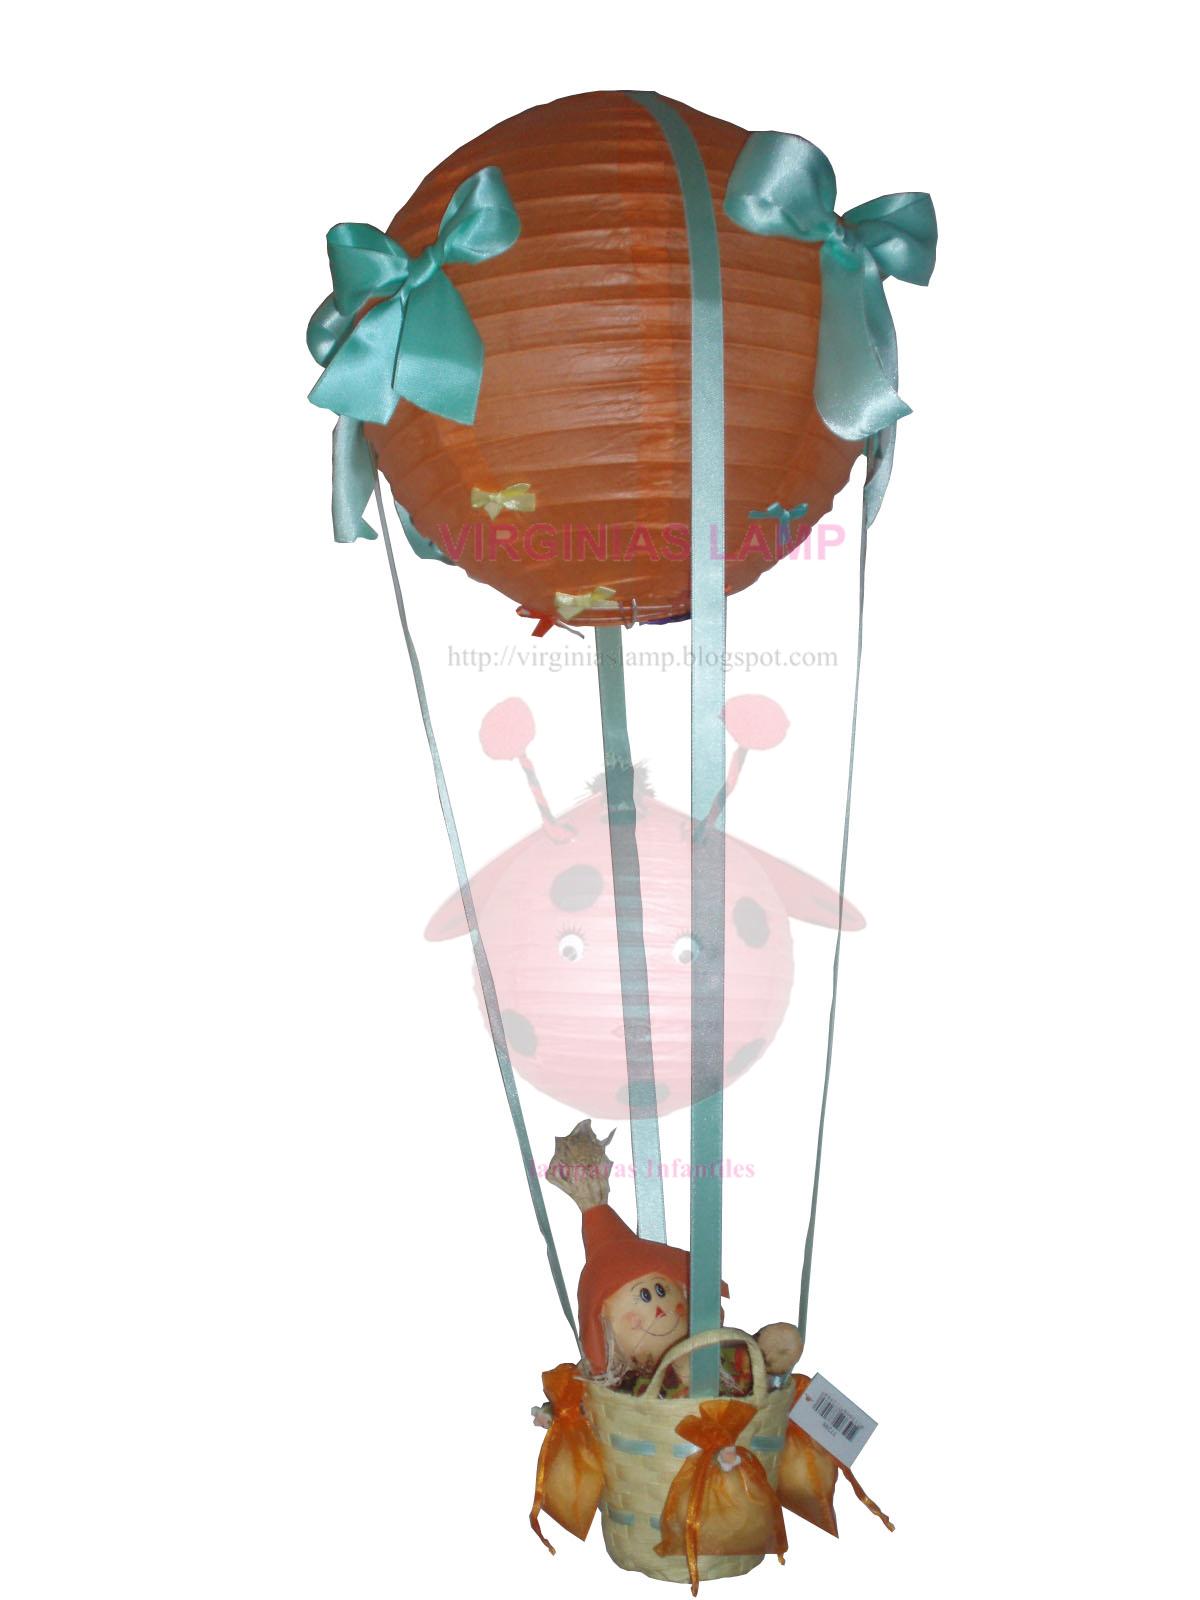 Las lamparas para ni os mas divertidas y originales for Lamparas de techo para ninos